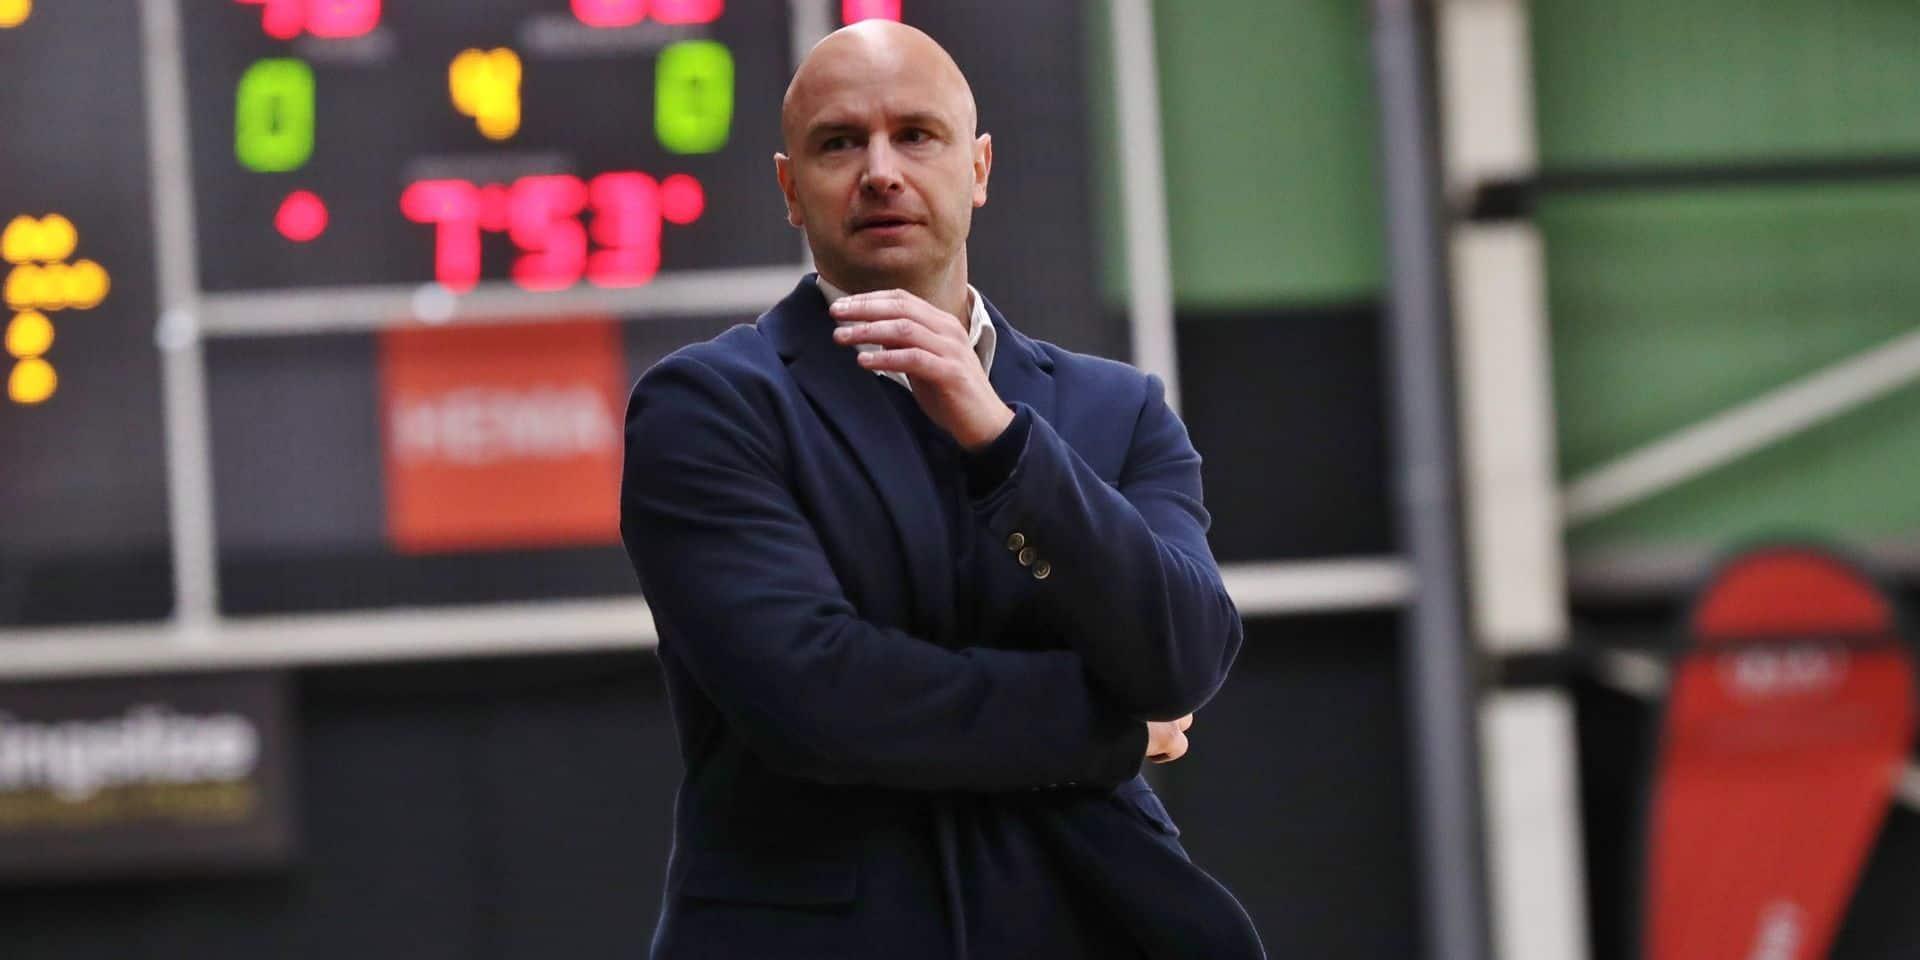 Le coach du Royal Castors Braine prolonge jusqu'en juin... 2025